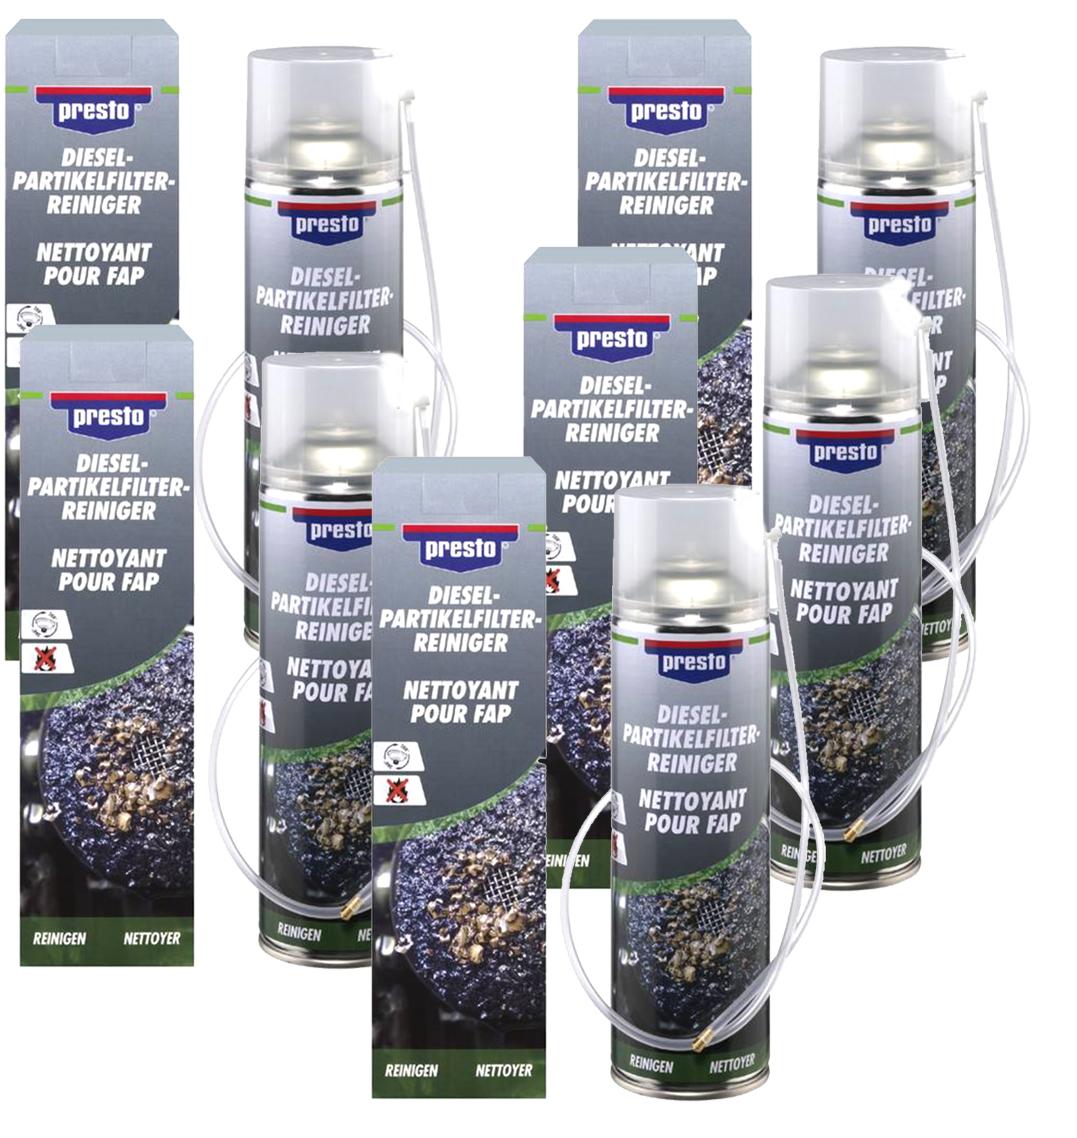 5x Presto Dieselpartikelfilter Reiniger DPF Reiniger mit Sonde 400 ml Rußfilter